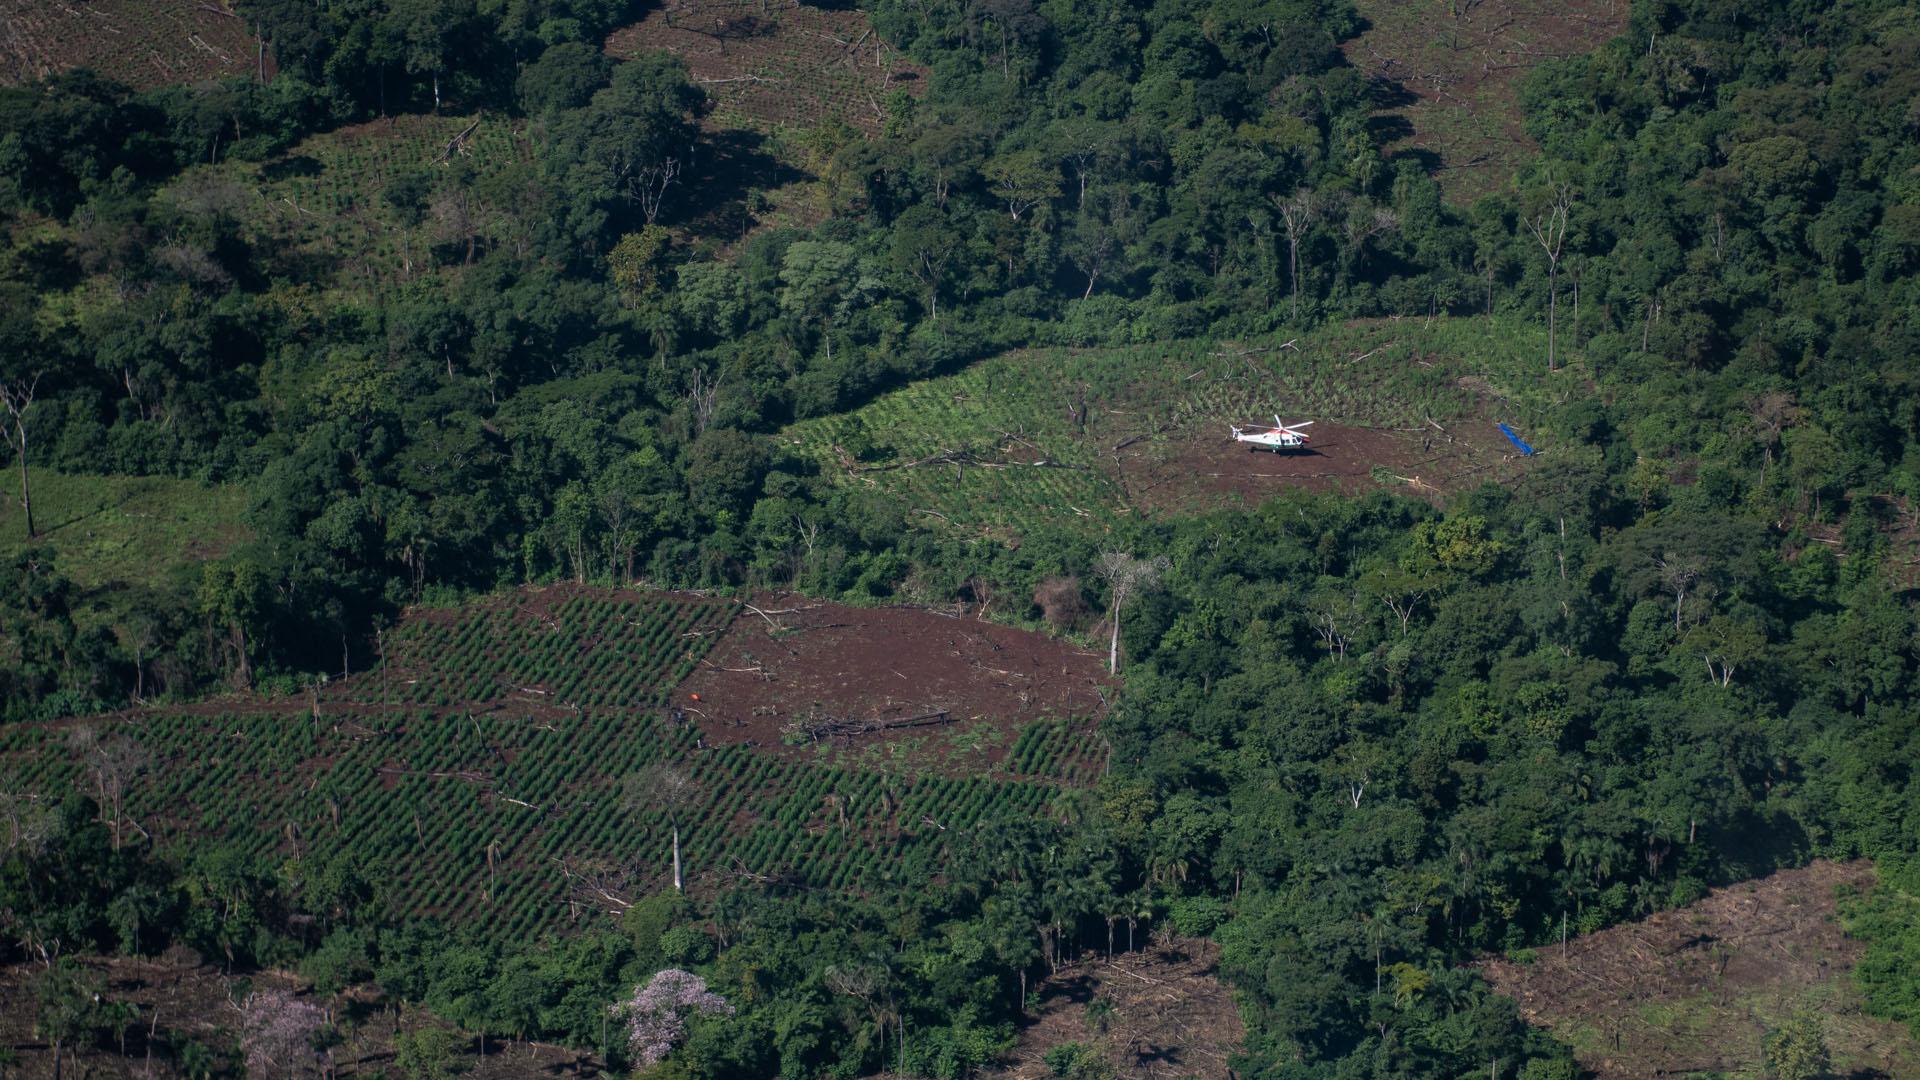 Las hectáreas de marihuana vistas desde el aire. Se aprovechan los sectores de bosque en el monte para talarlos desde adentro y formar anillos que solo pueden ser detectados con helicóptero.